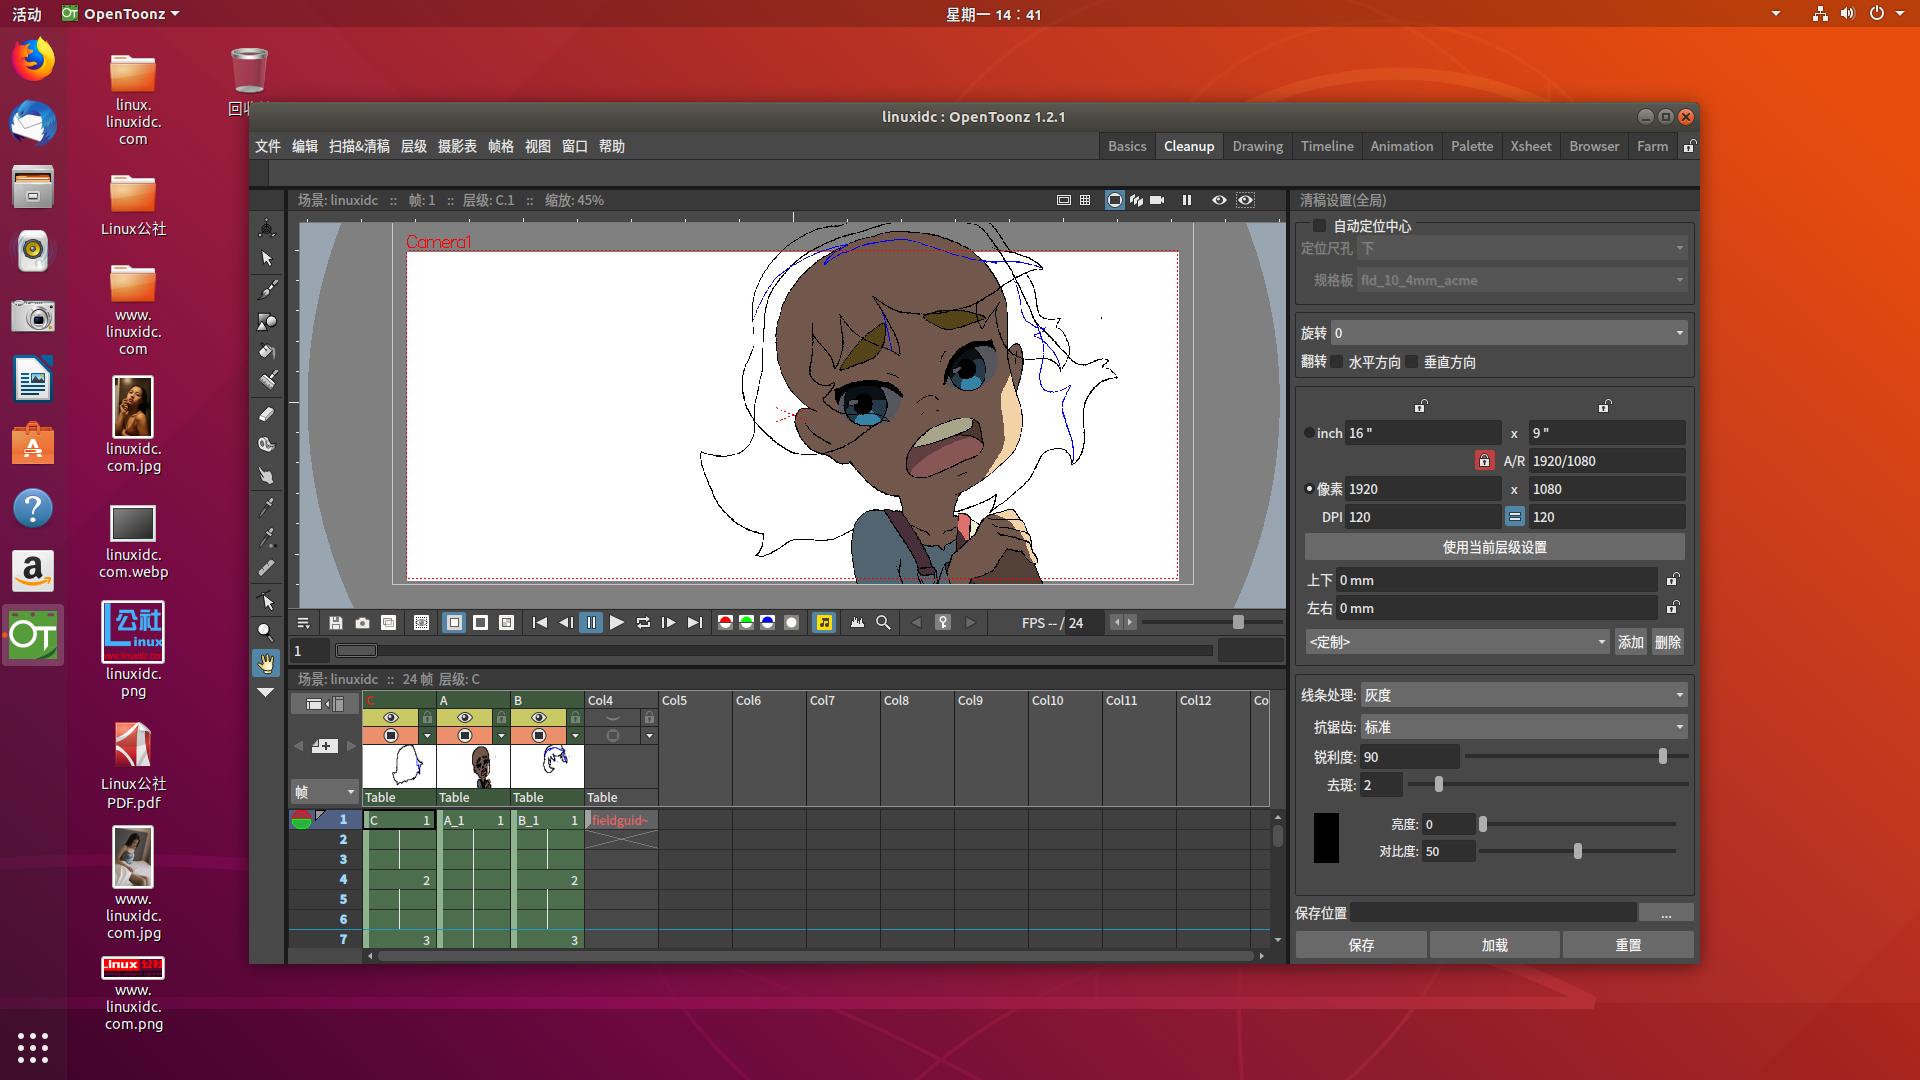 如何在Ubuntu中安装2D动画软件OpenToonz